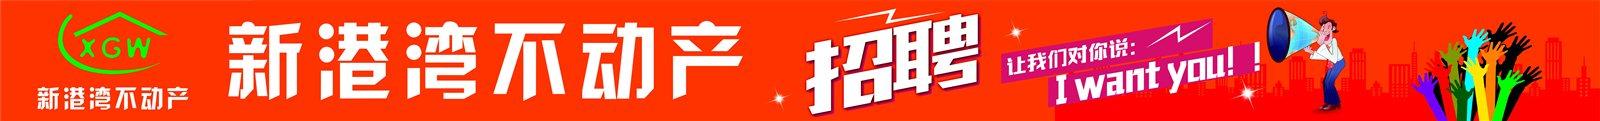 武汉新港湾置业顾问有限公司